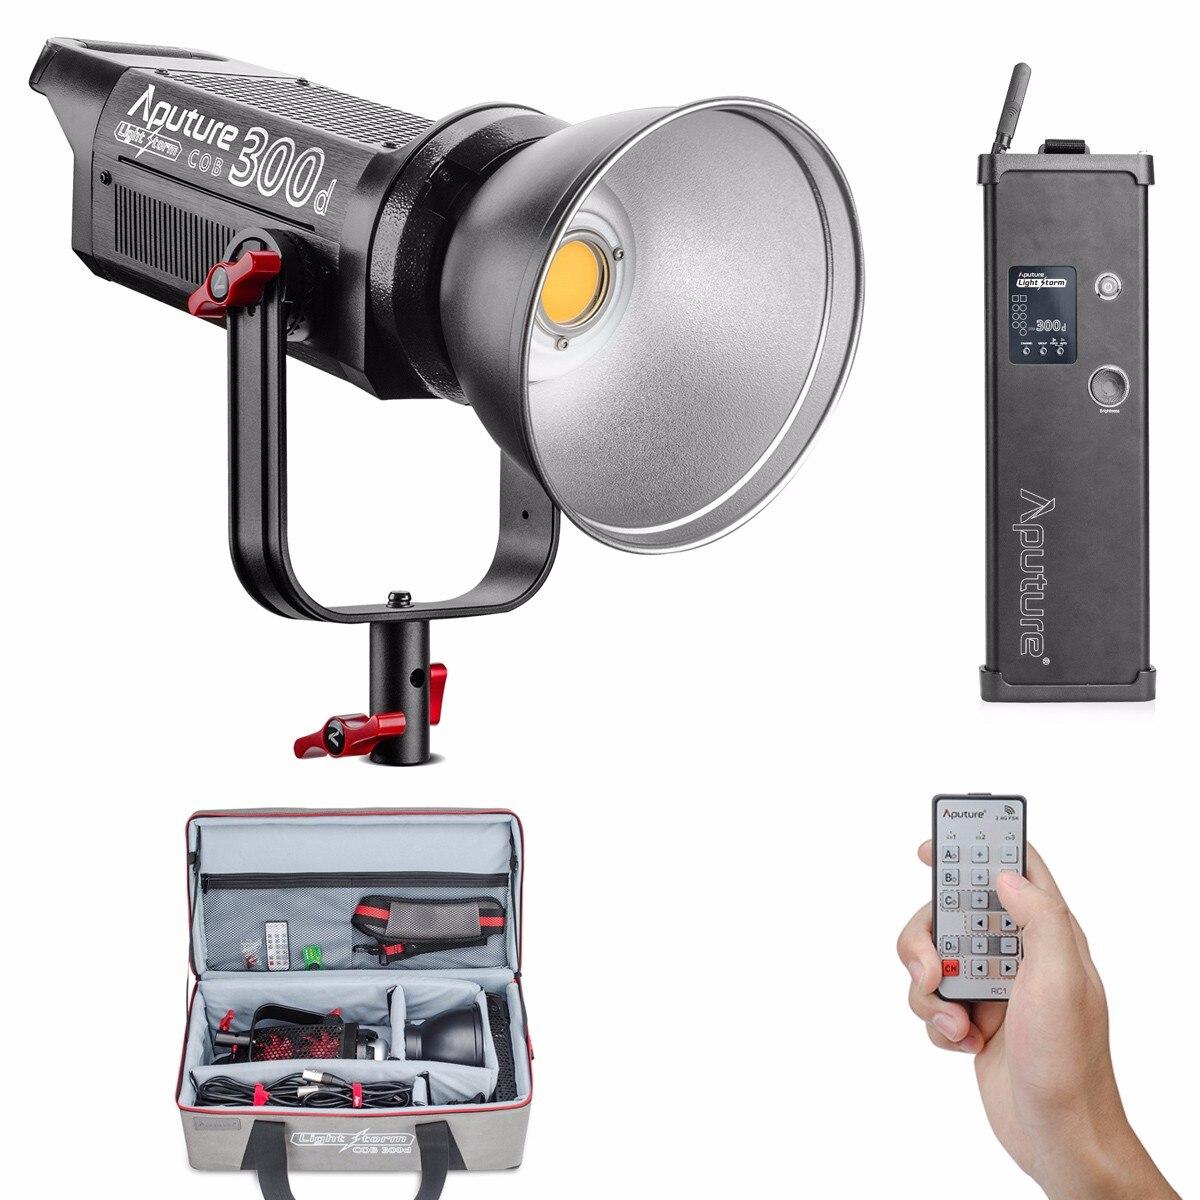 Aputure COB C300D 300D 300W 5500K Дневной сбалансированный светодиодный непрерывный видео свет CRI95 + TLCI96 + 2,4G пульт дистанционного управления 18 дБ для виде